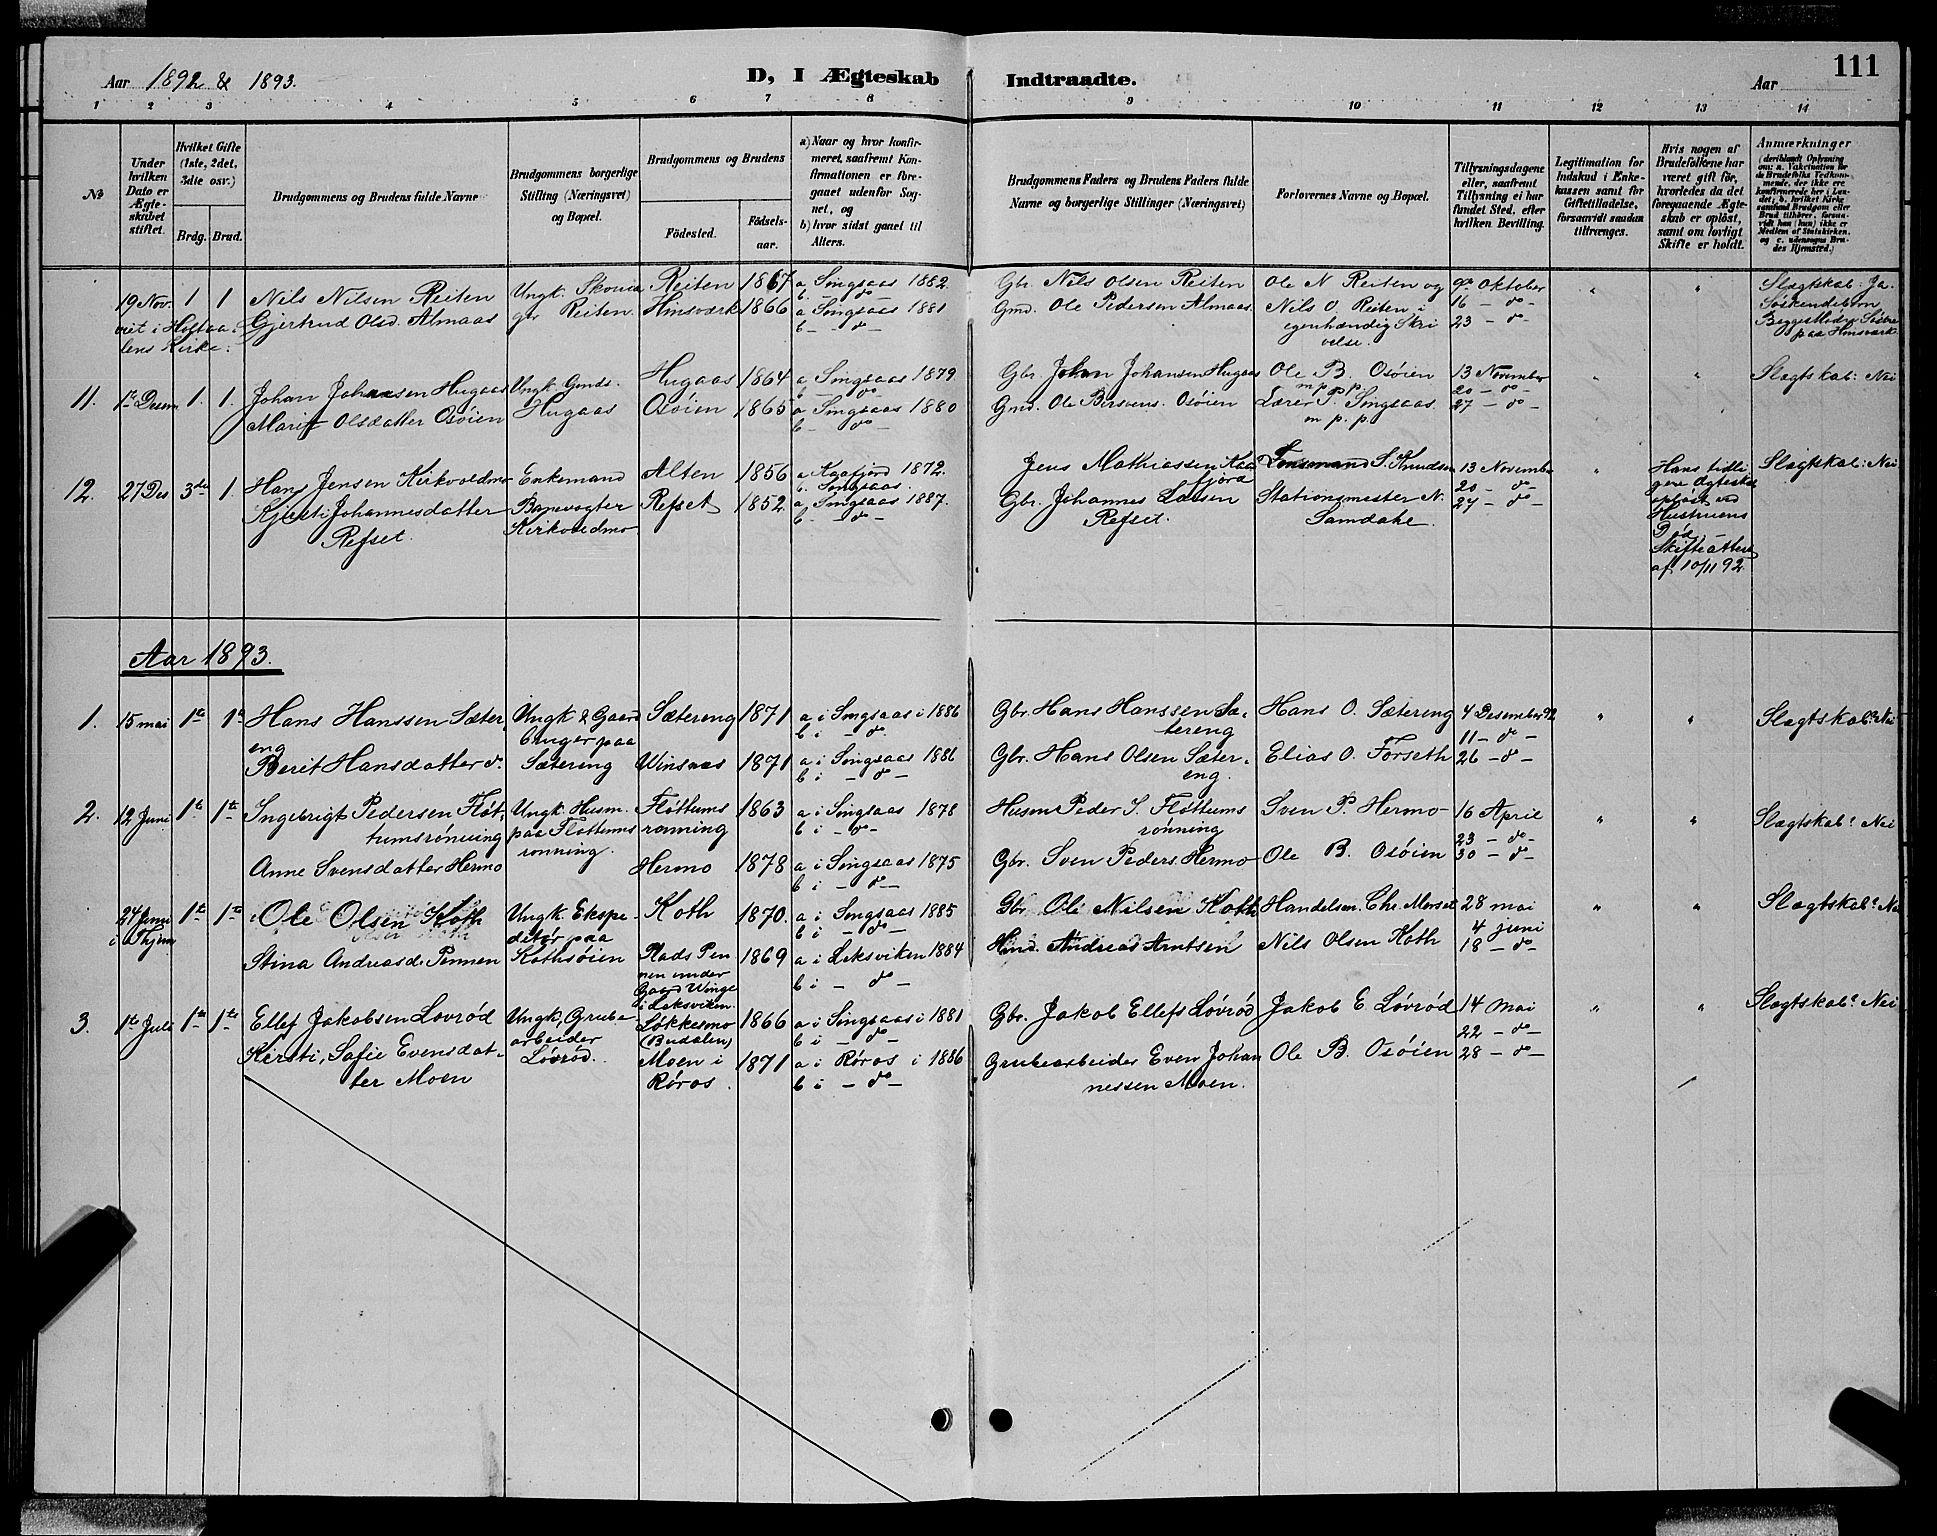 SAT, Ministerialprotokoller, klokkerbøker og fødselsregistre - Sør-Trøndelag, 688/L1028: Klokkerbok nr. 688C03, 1889-1899, s. 111